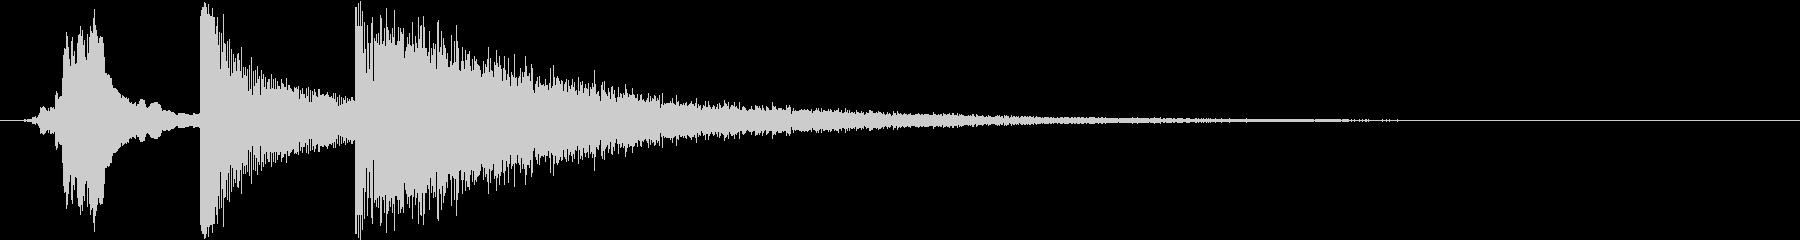 コミカルホイッスルバングクラッシュの未再生の波形